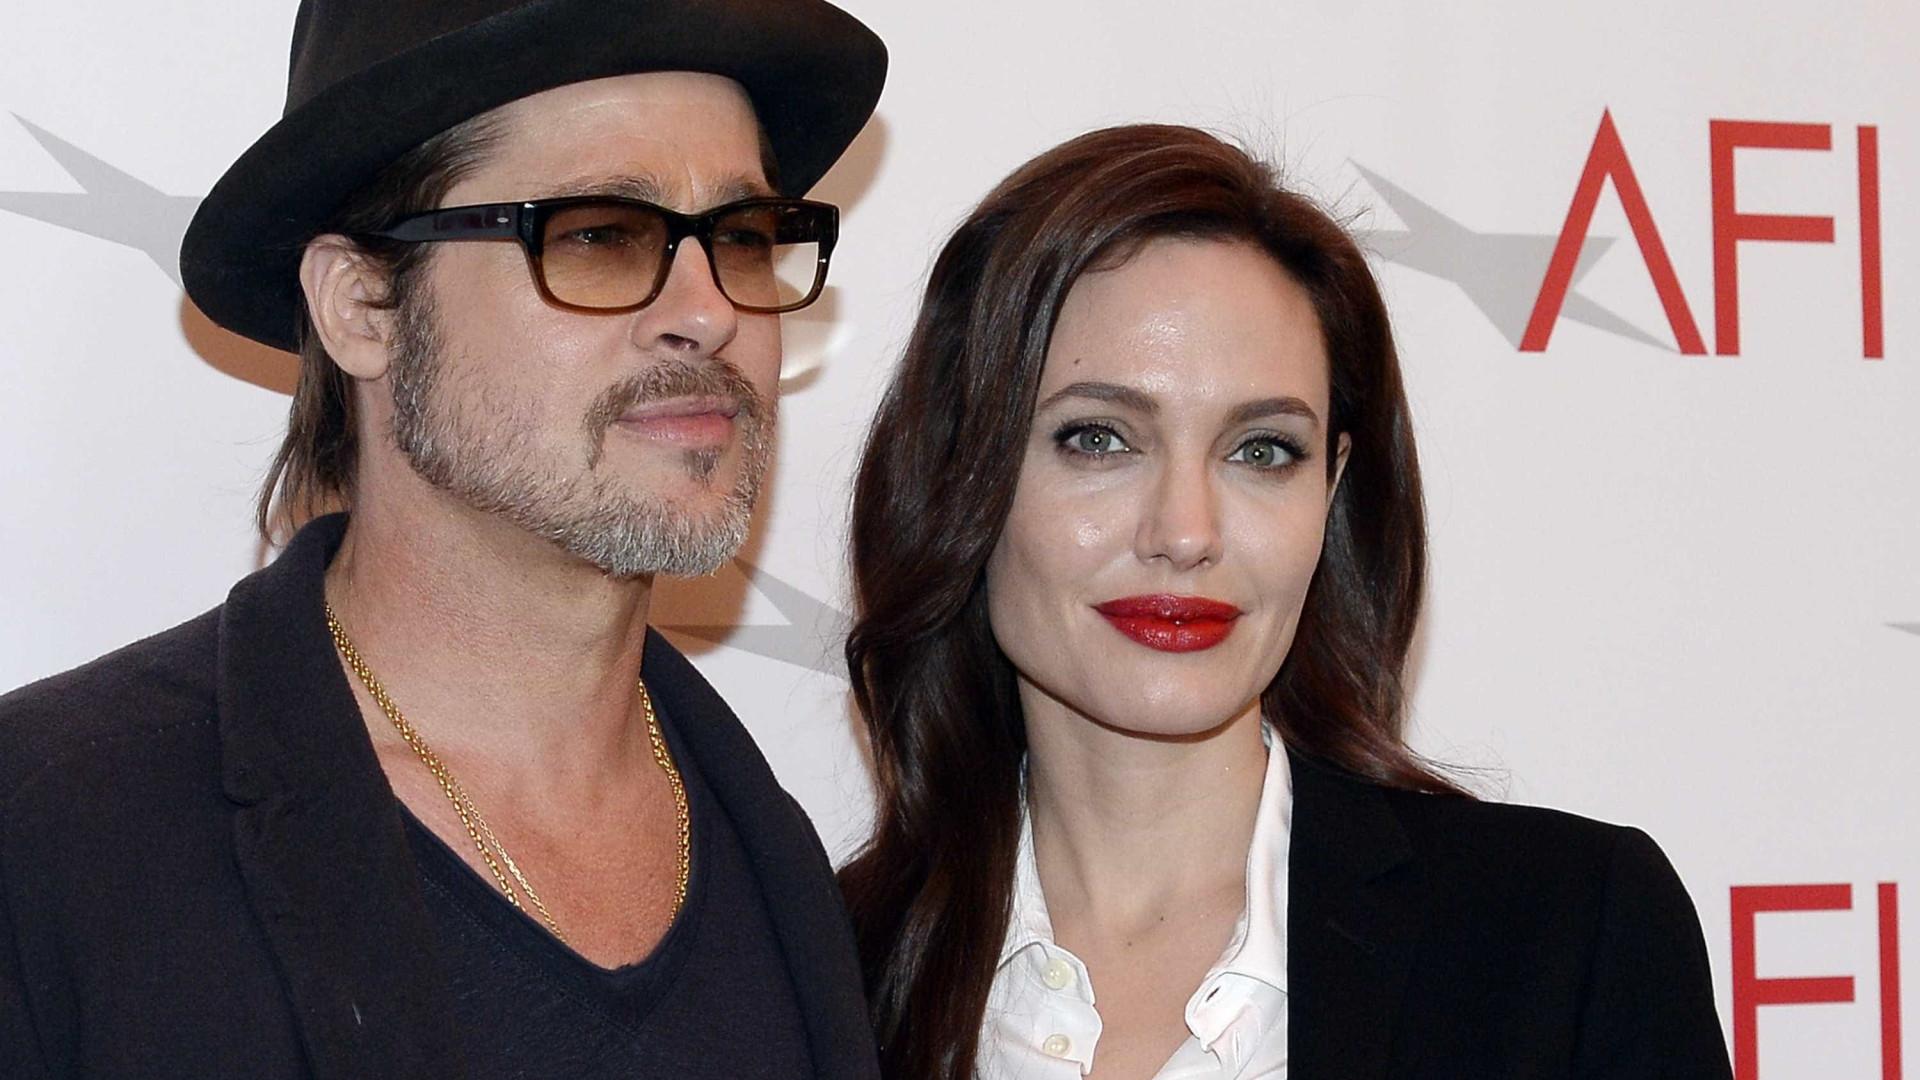 Jolie recusa R$ 327 mi em acordo de divórcio com Brad, diz site